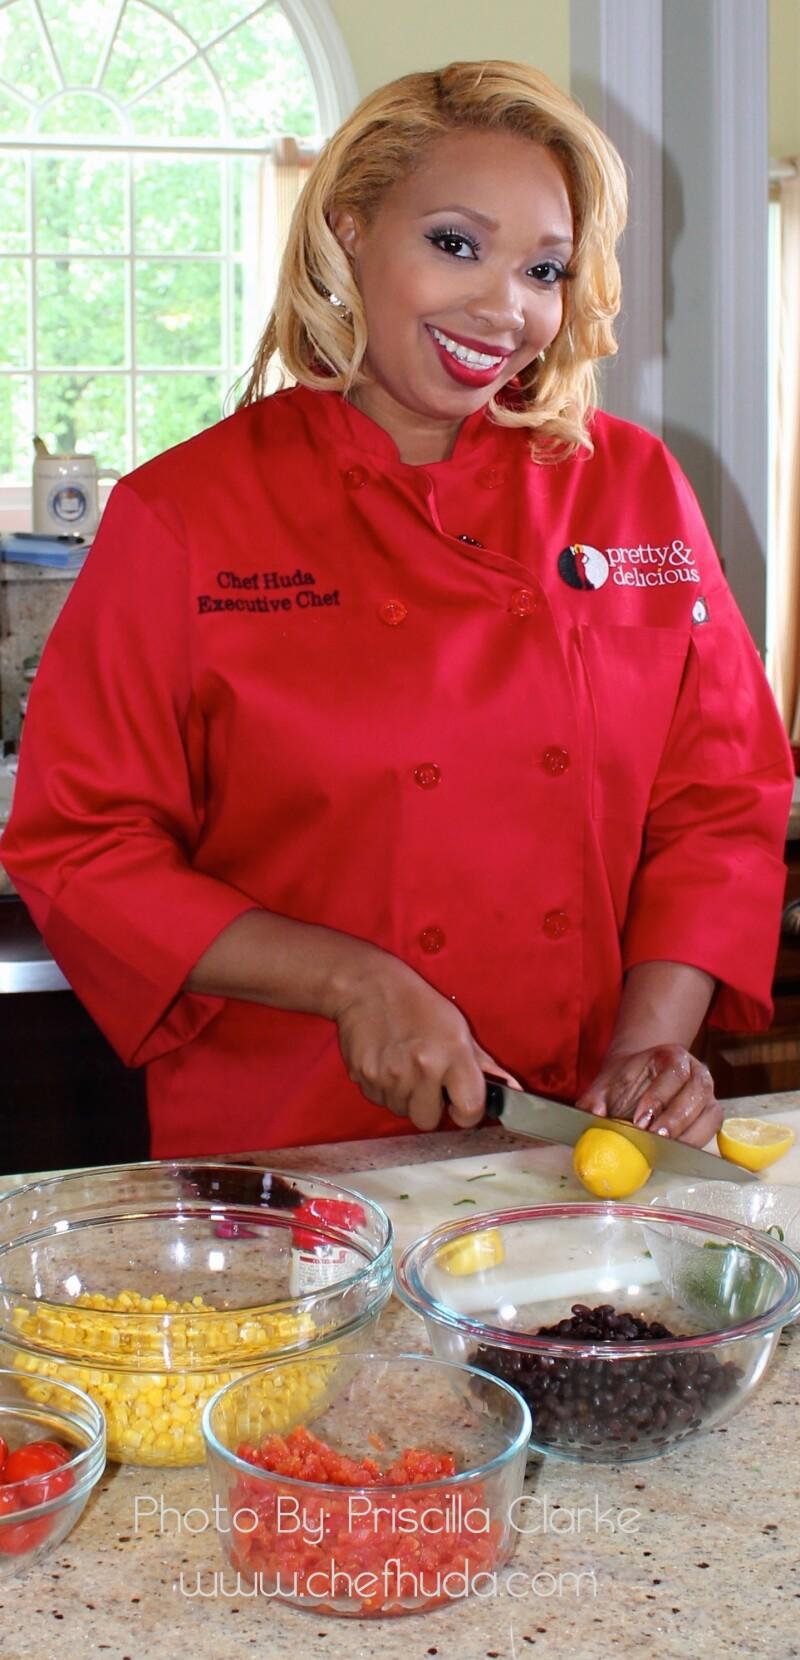 ChefHuda-official